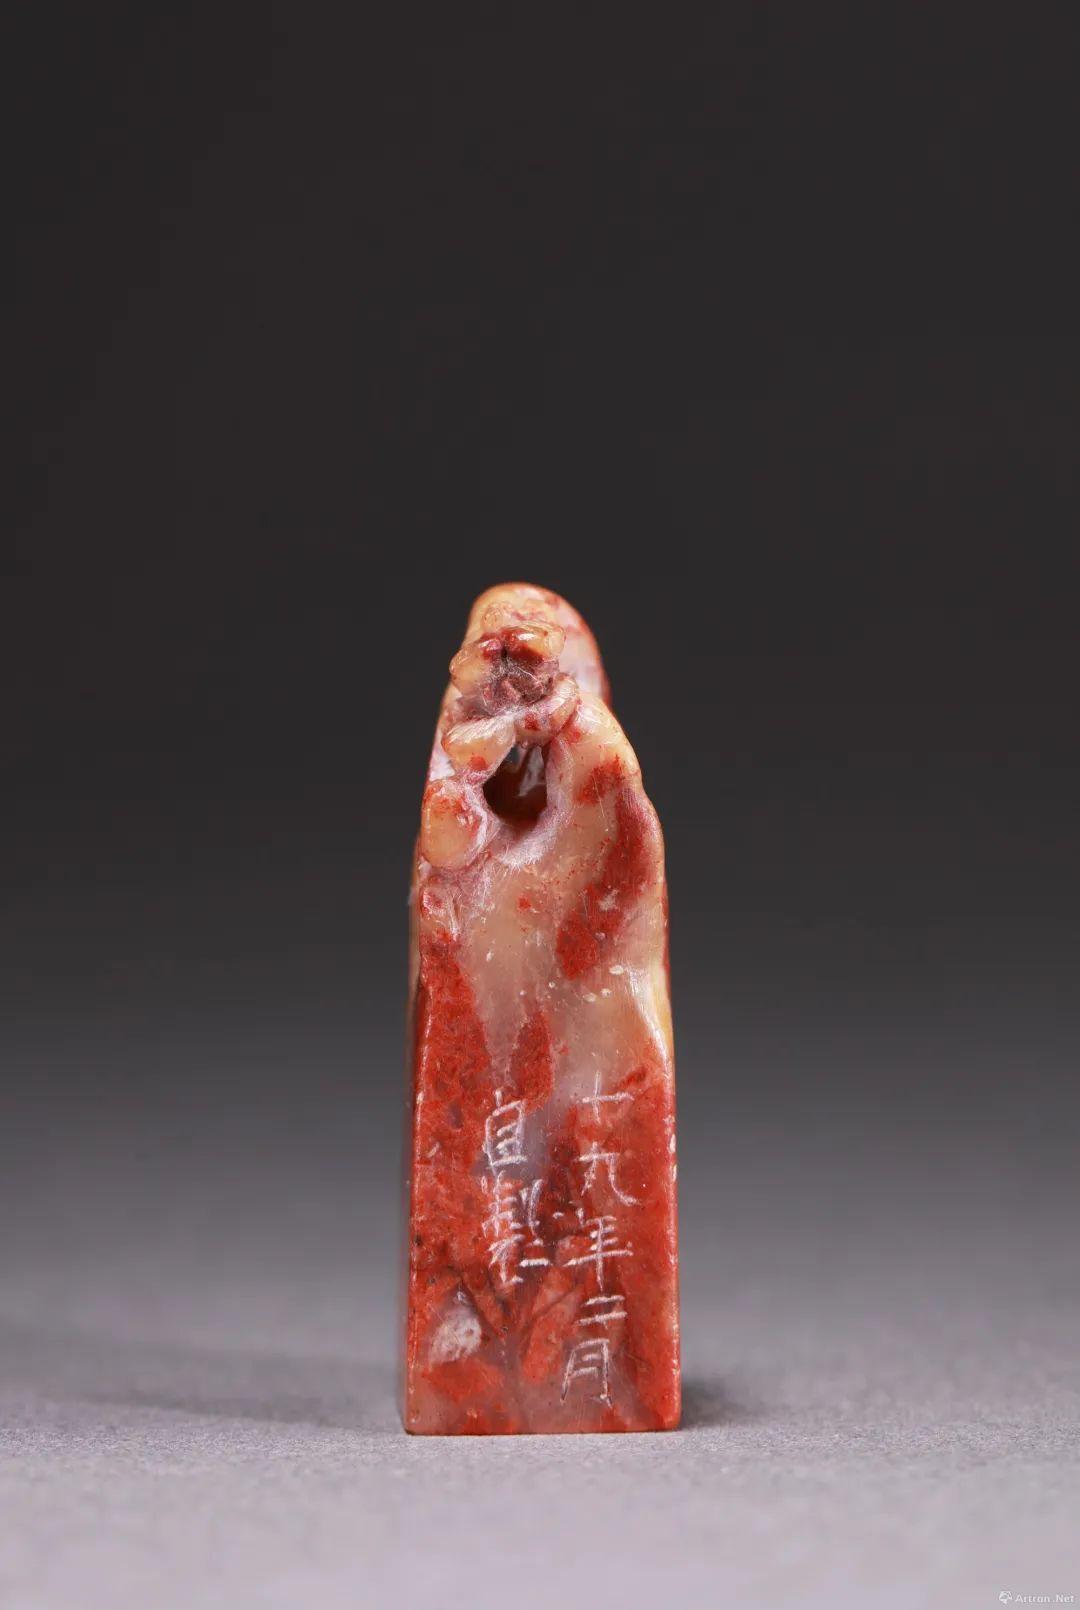 ▲容庚 容庚所得金石 11×11×34mm 寿山石 1930年 中国美术馆藏